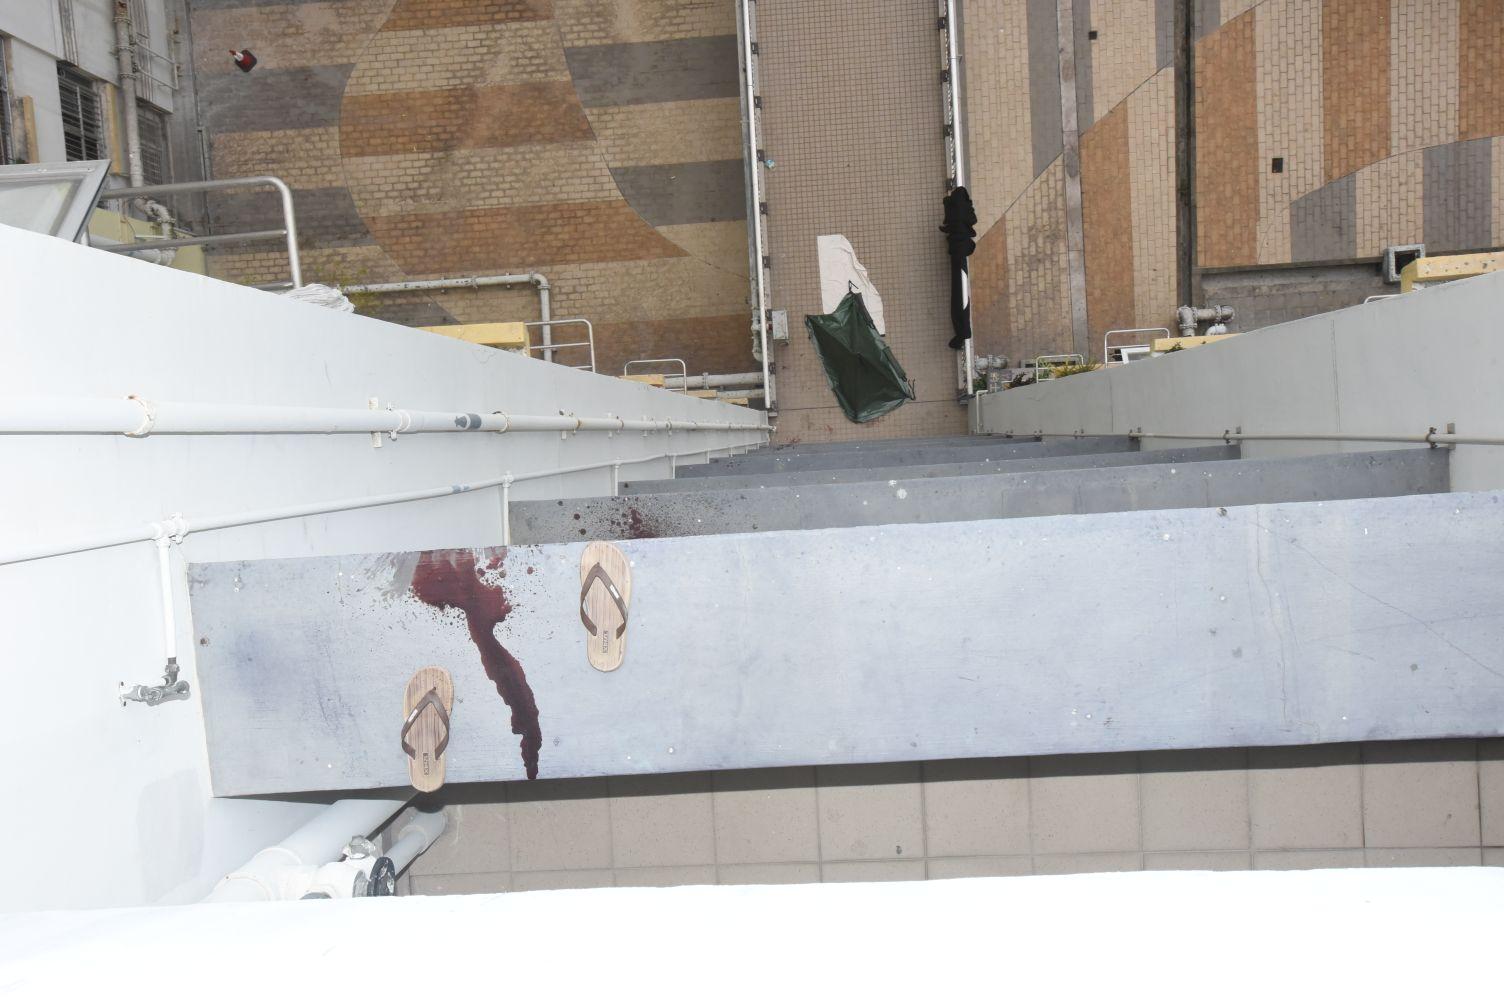 12樓走廊有一對拖鞋,而石壆和外牆留有血迹。徐裕民攝